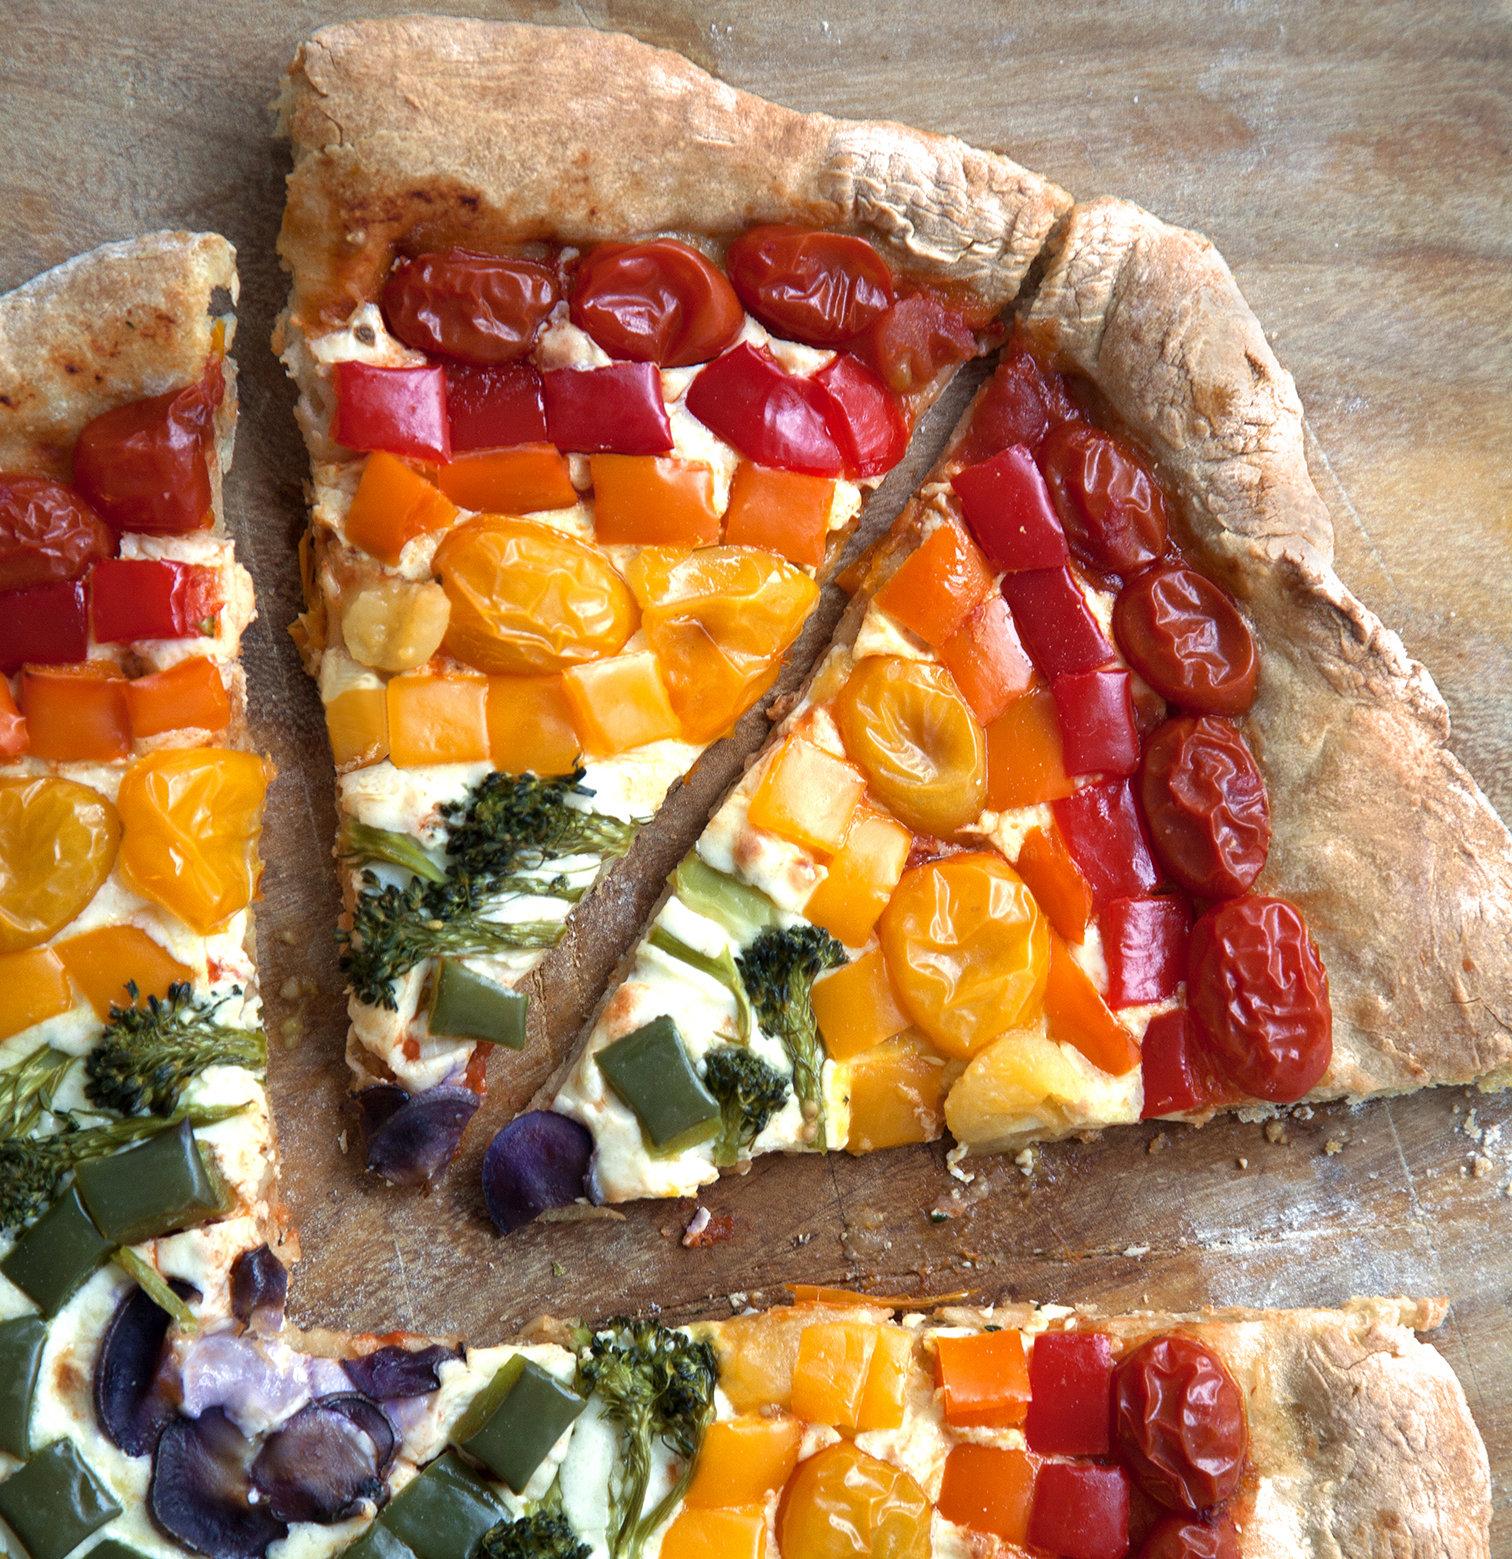 Tout sur la tendance culinaire : le Raimbow food